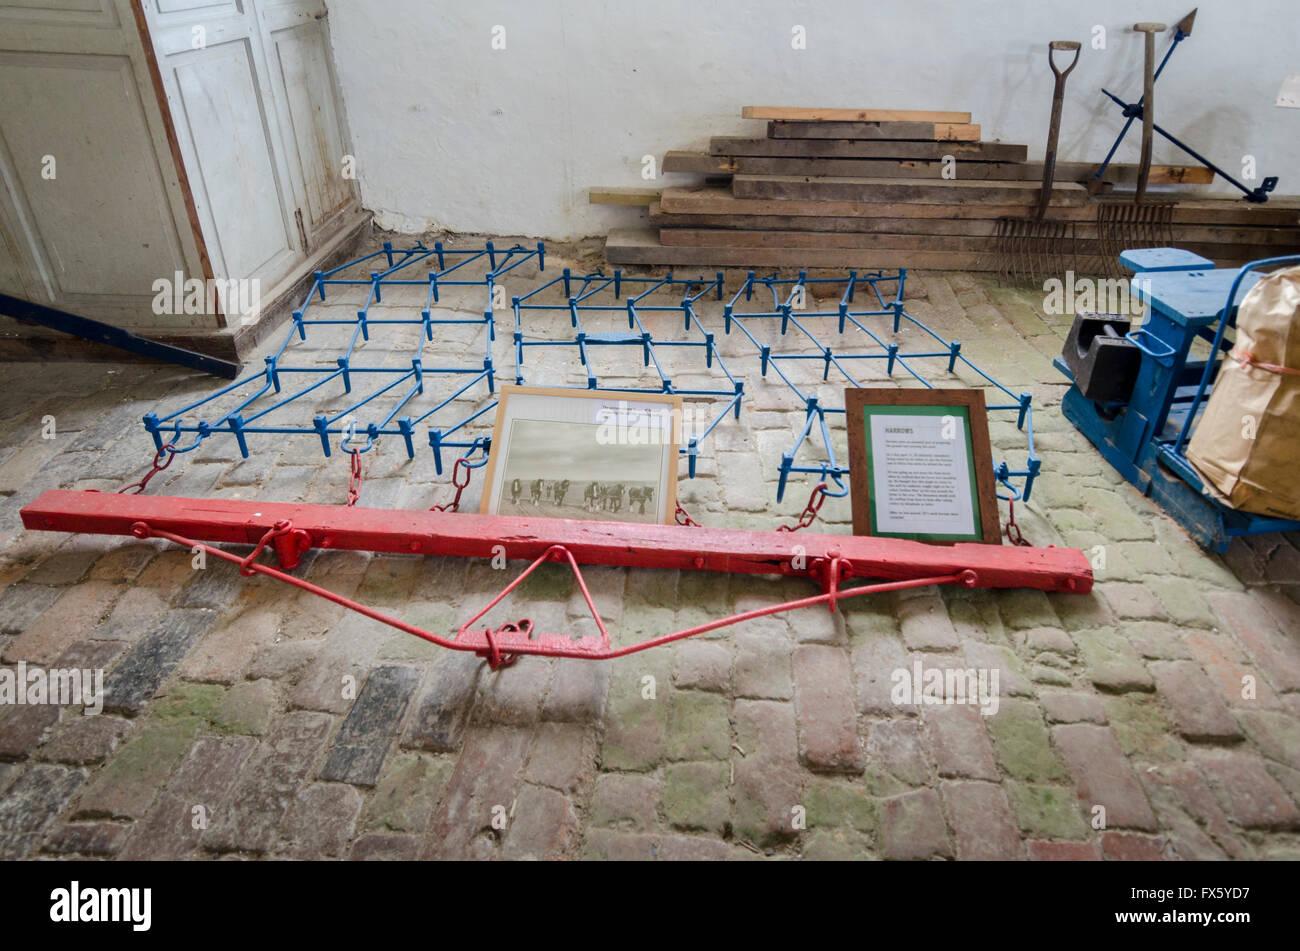 Fußboden Aus Alten Ziegeln ~ Alte egge auf dem display auf einem ziegel fußboden stockfoto bild